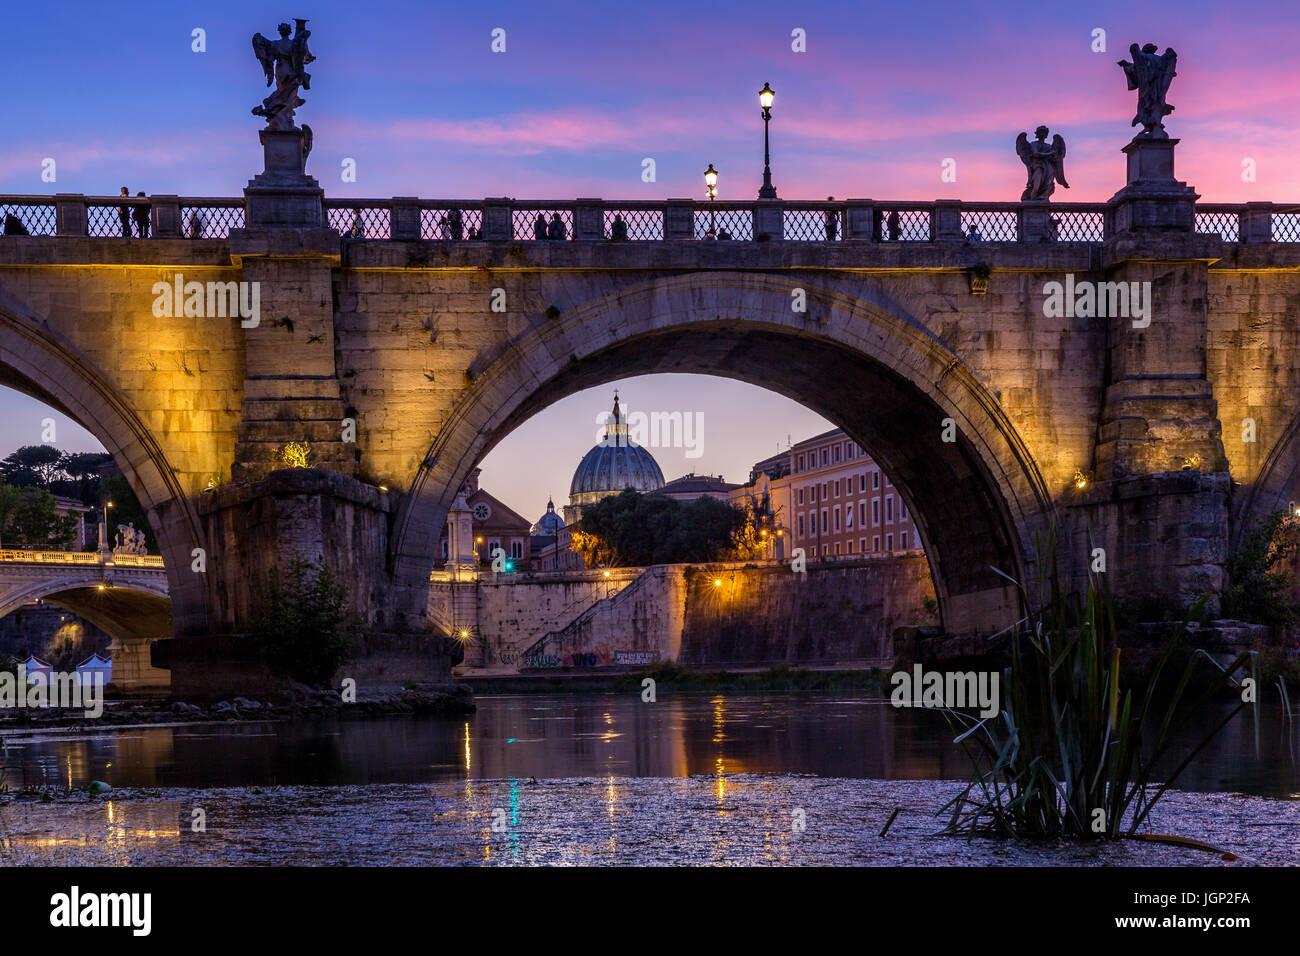 La basilique Saint Pierre avec Sant'Angelo's Bridge au coucher du soleil au Tibre, Rome, Italie Photo Stock